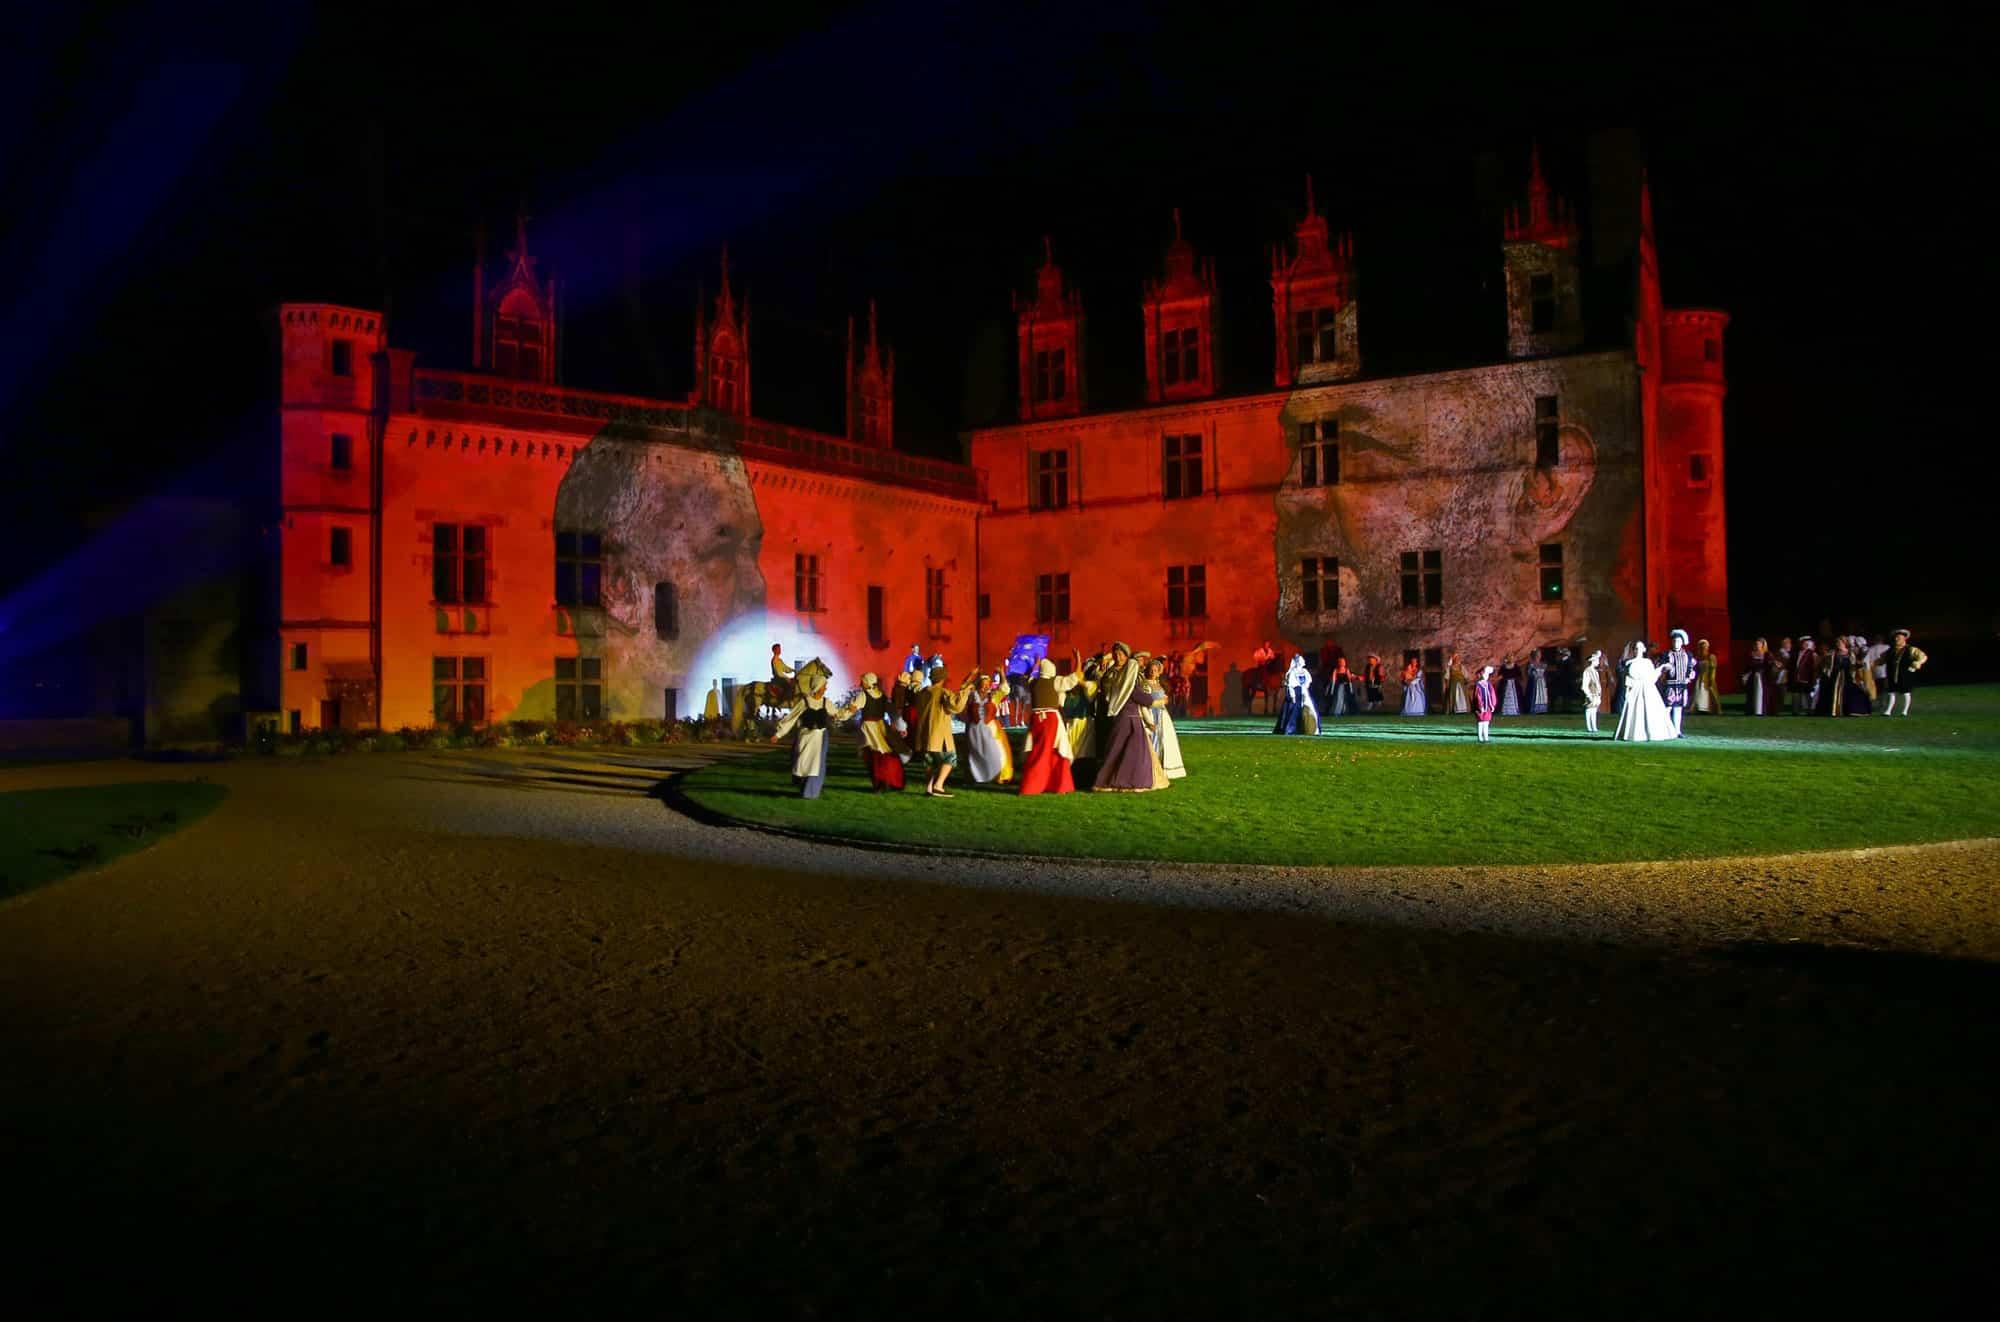 @ARA Prophétie d'Amboise - Spectacle nocturne